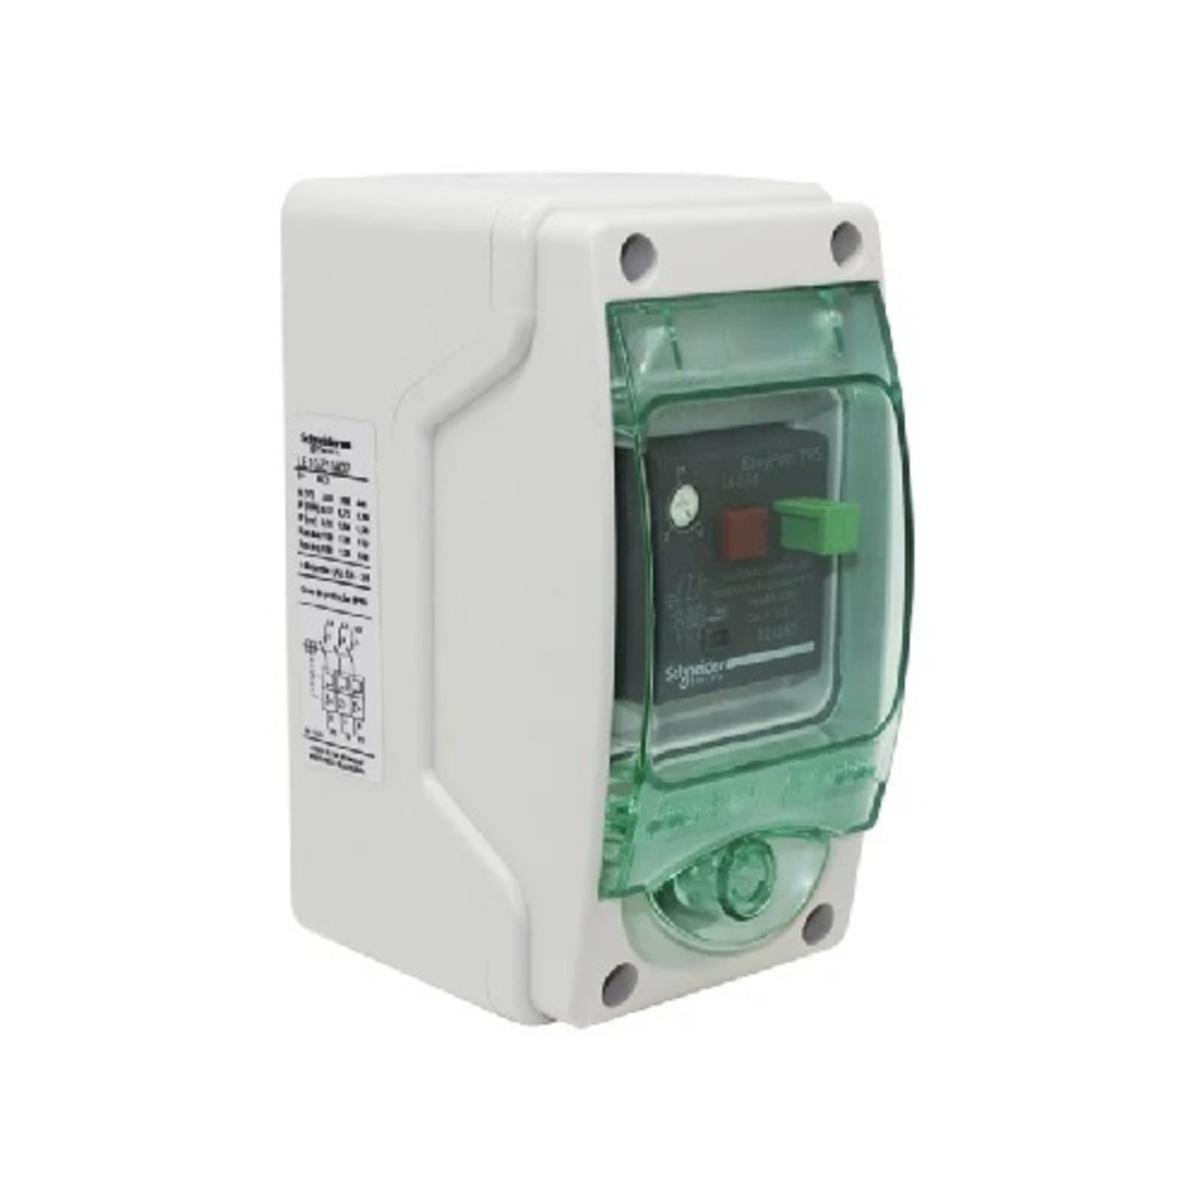 CHAVE DE PARTIDA DIRETA MANUAL EM COFRE IP65 220V REGULAGEM 2,5-4A LE1GZ1M08 SCHNEIDER